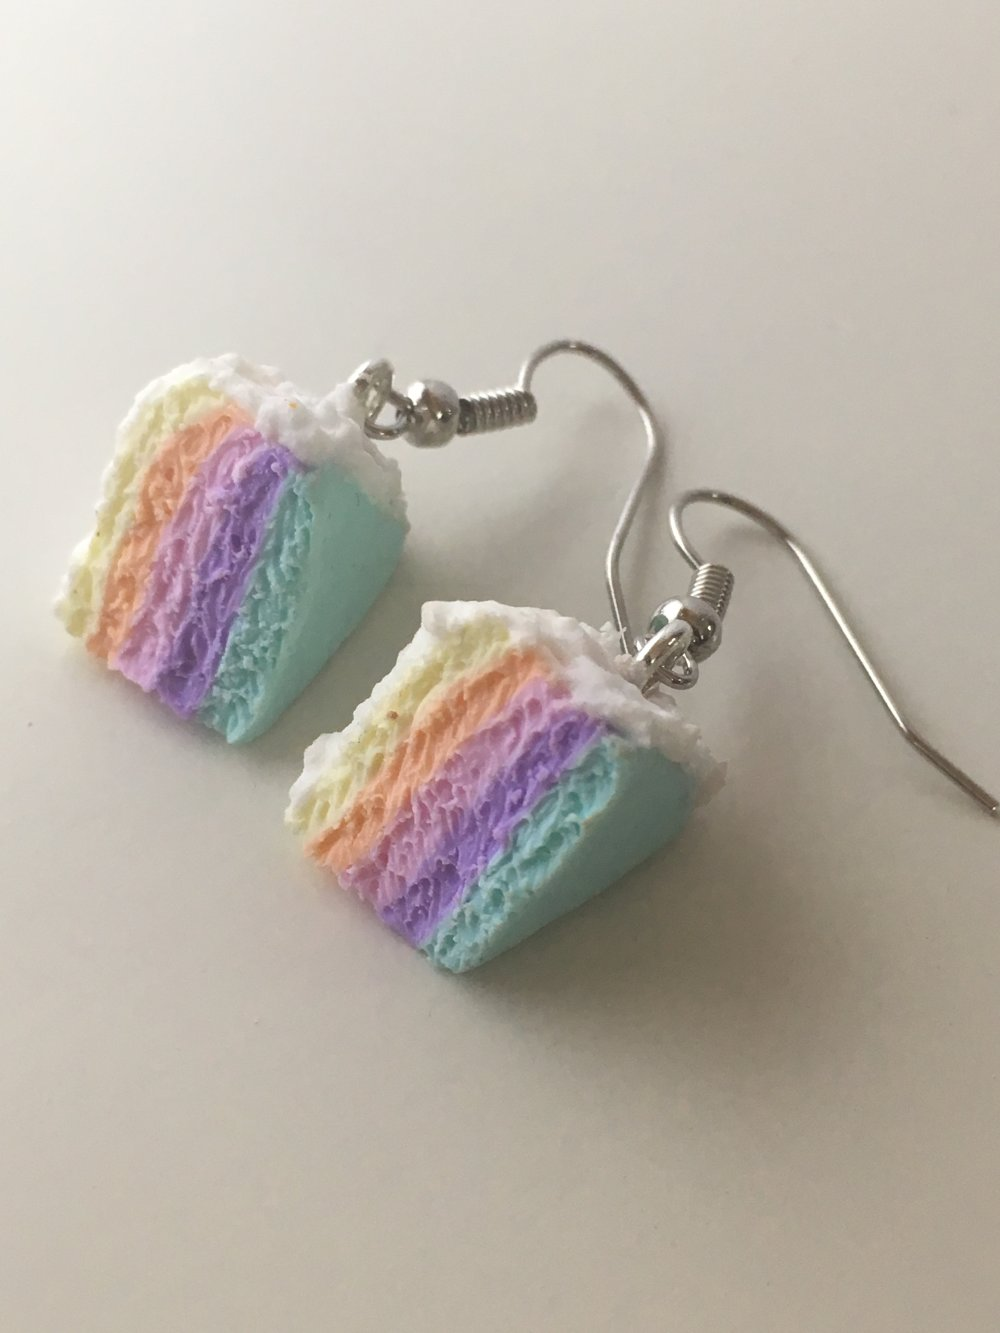 Boucles d'oreilles pendantes - Rainbow cake pastel en pâte polymère